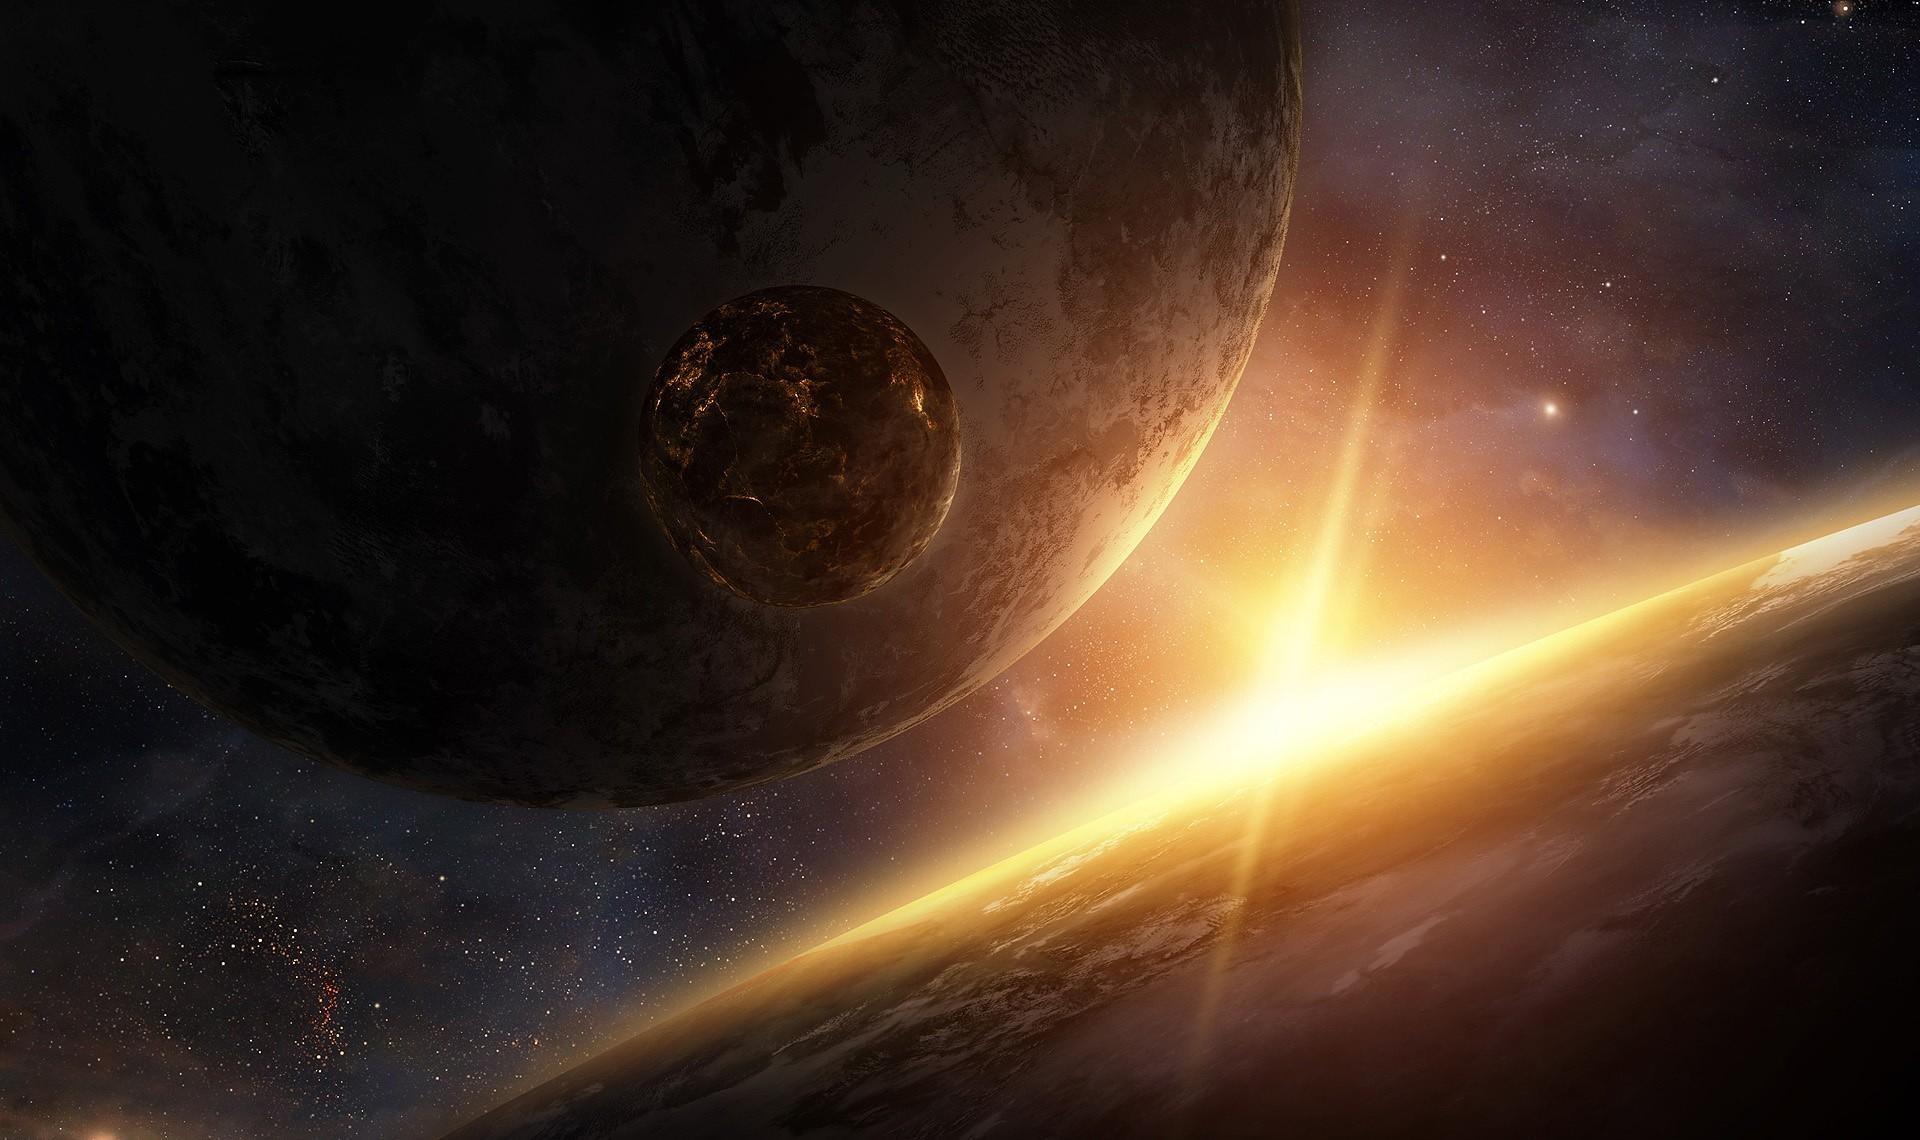 82871壁紙のダウンロードビーム, 光線, 輝く, 光, 宇宙, 星雲, 惑星-スクリーンセーバーと写真を無料で